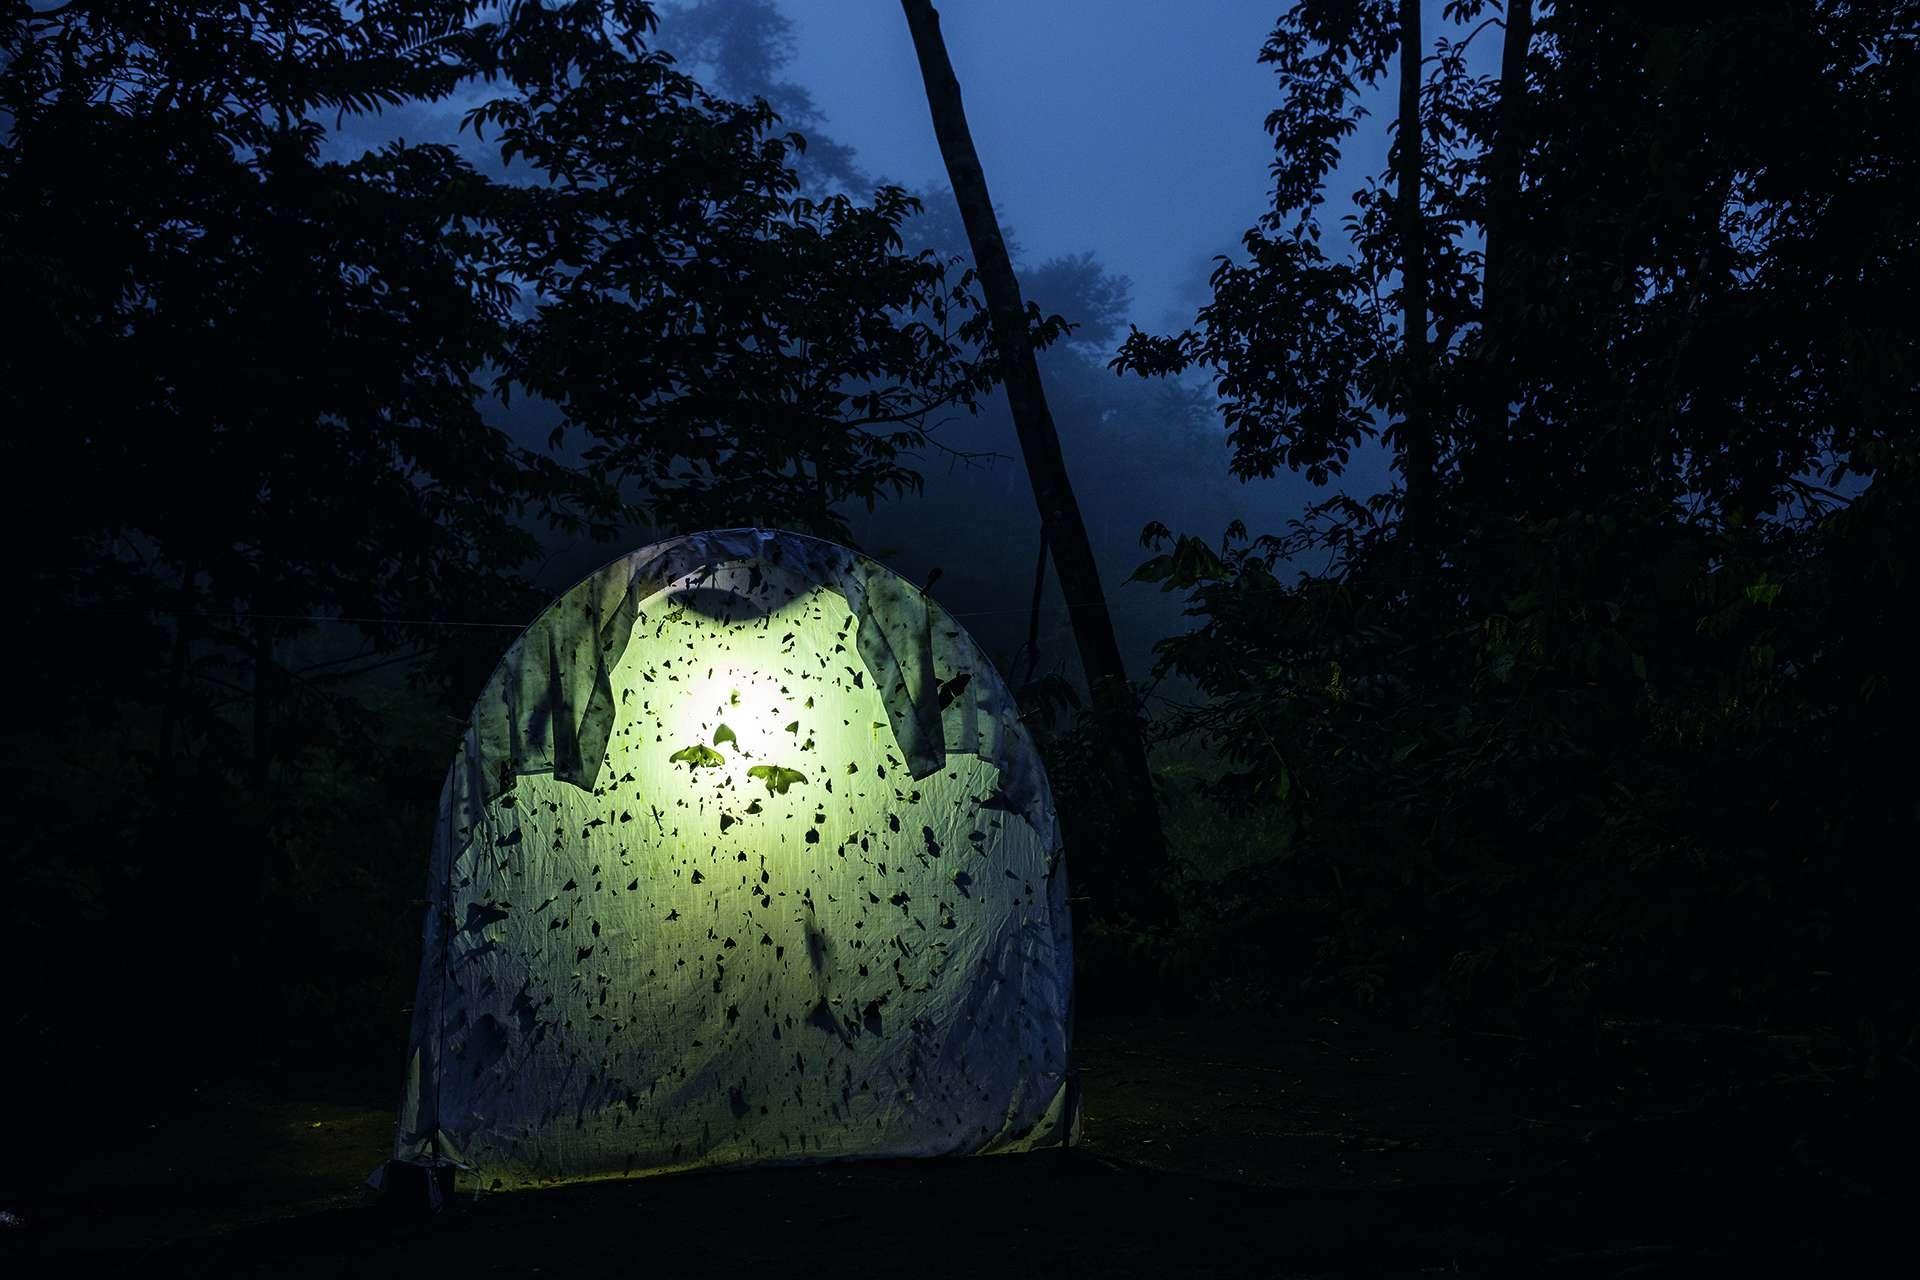 厄瓜多的亞馬遜雨林中,某個野外研究站的背光布收集到大量的夜間飛行昆蟲。在沒那麼偏遠的地點,不管是誘蟲燈捕到或沾黏在汽車擋風玻璃上的昆蟲數量都大幅下降。氣候變遷、棲地喪失與農藥全都可能是肇因。 PHOTOGRAPHED AT IYARINA STATION AT GOMATAON